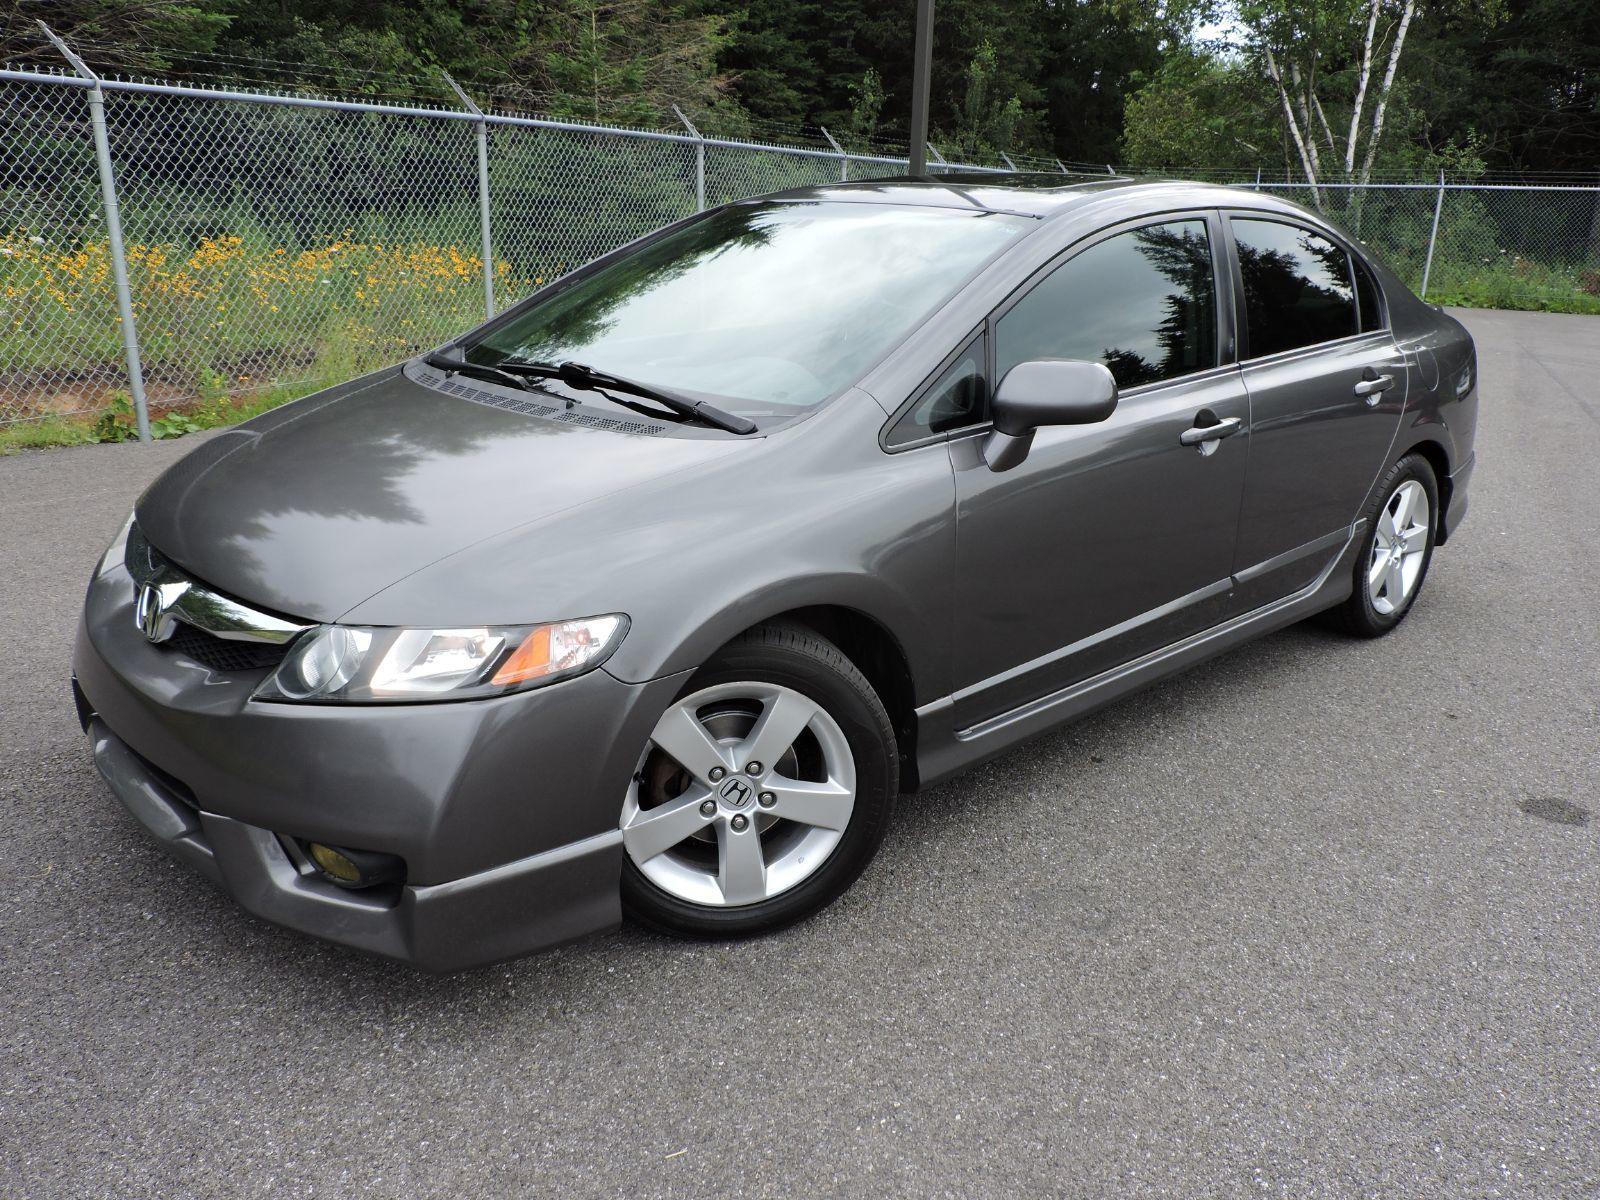 Kekurangan Honda Civic 2010 Tangguh